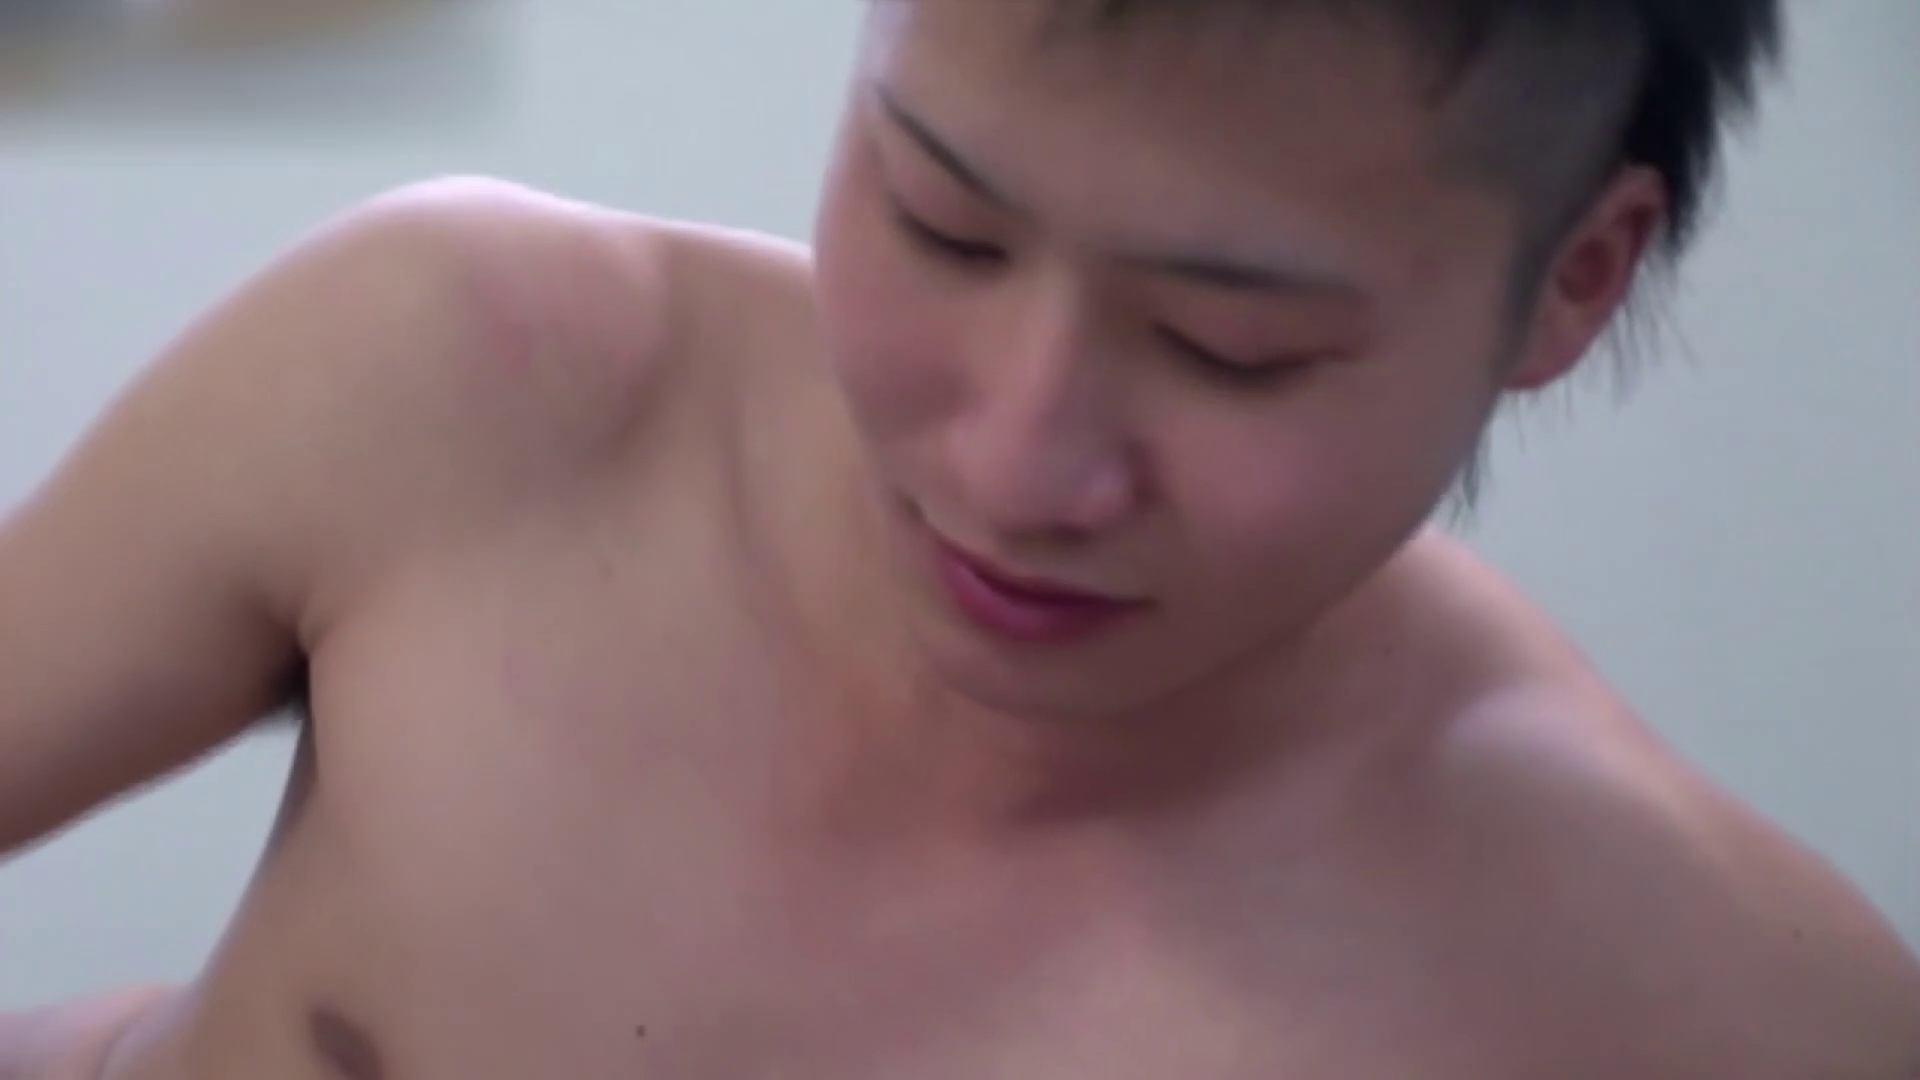 イケイケMEN'SCLUB vol.26前編 シックス・ナイン   アナル舐め ゲイヌード画像 96pic 52